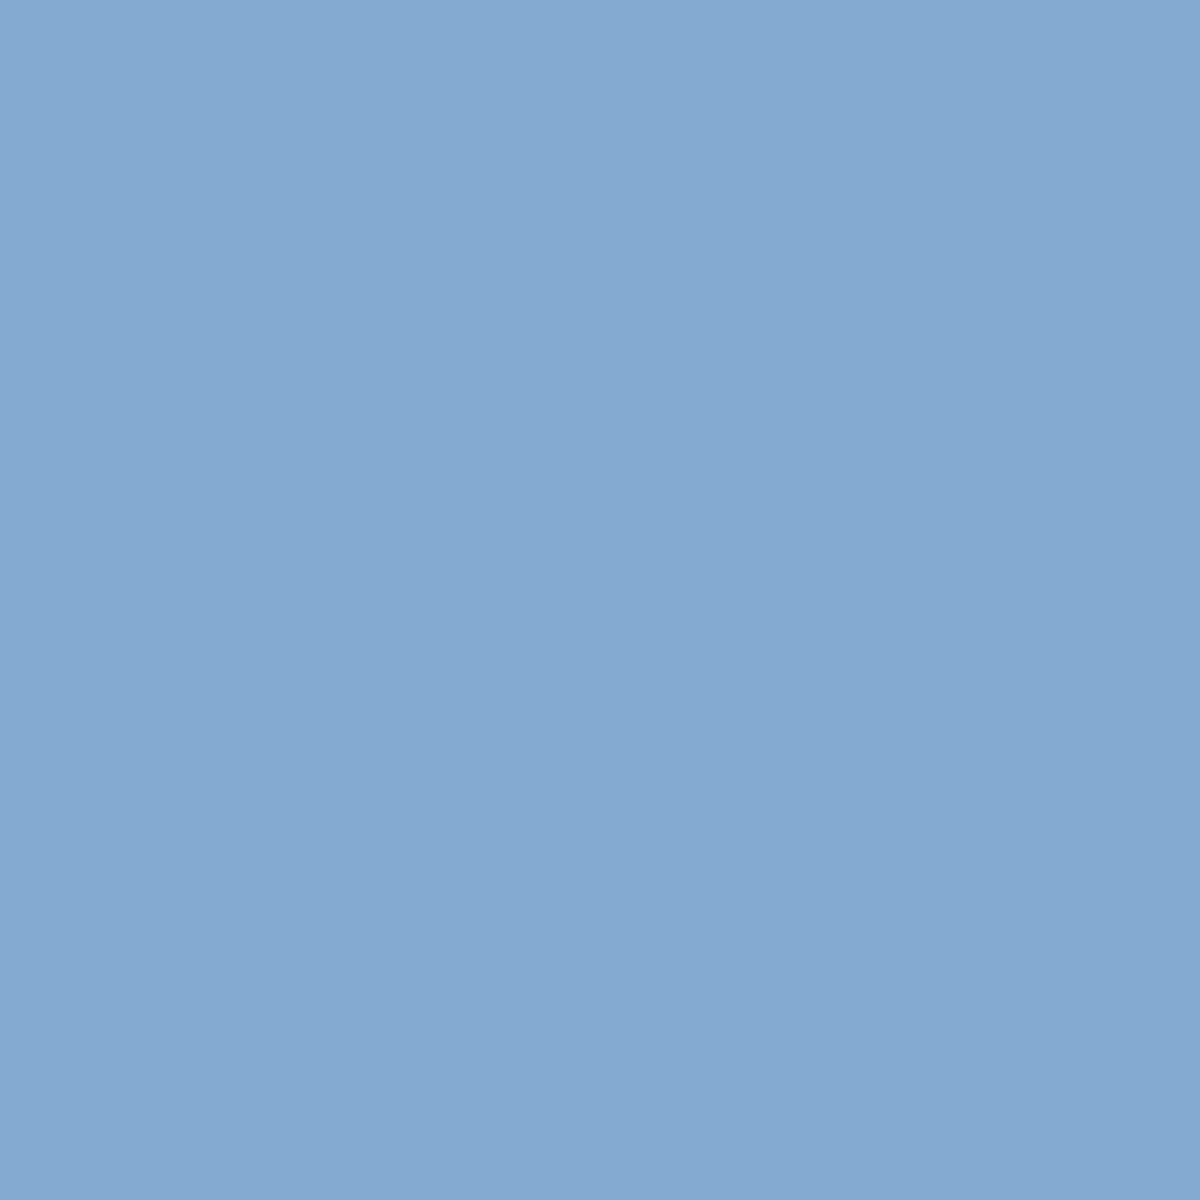 Riley Blake, Confetti Solid Medium Blue